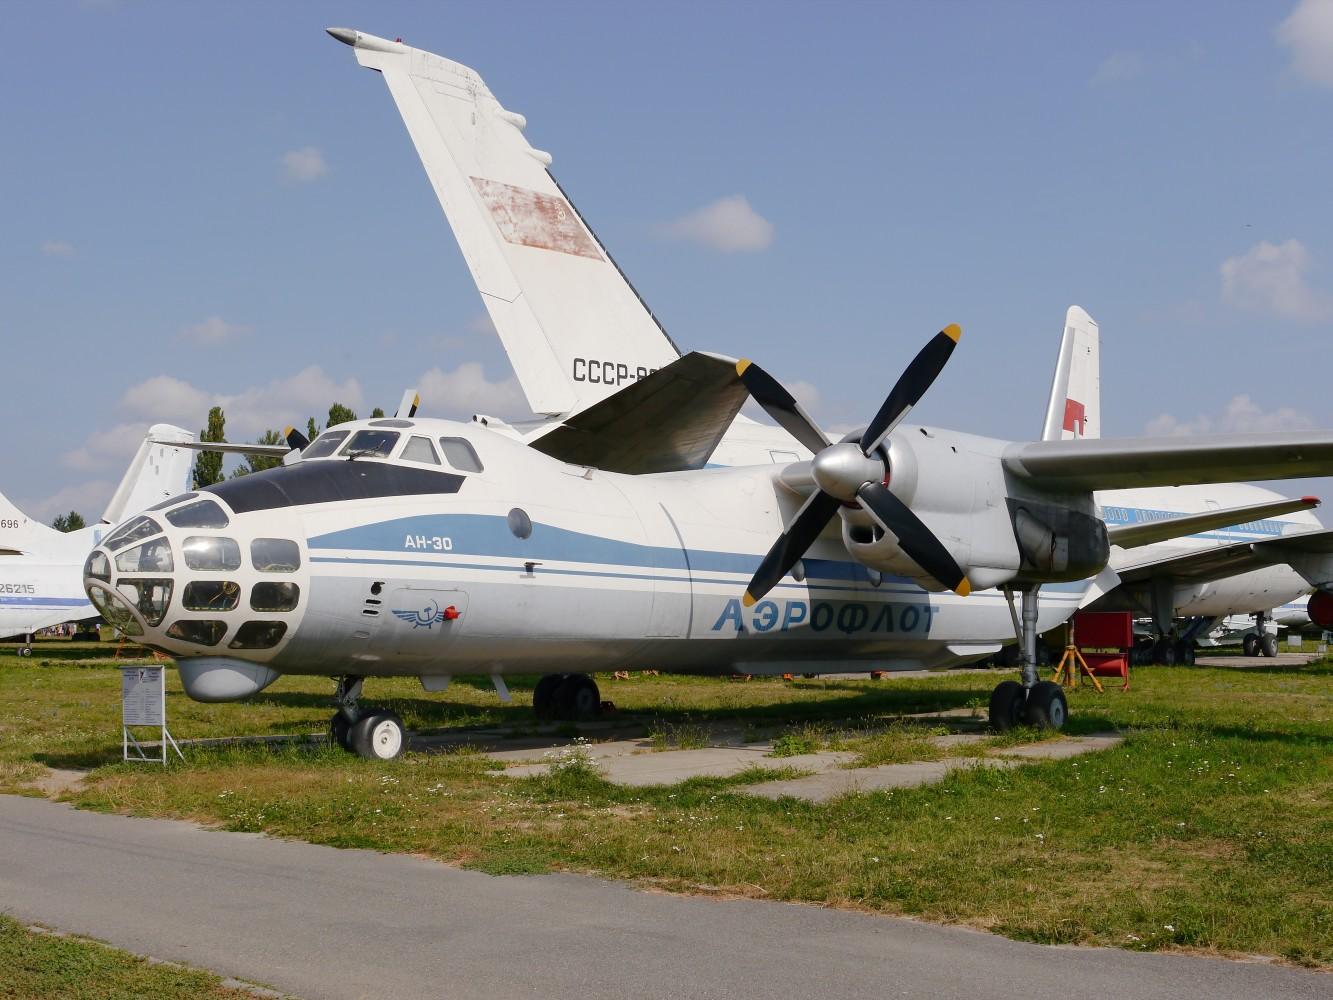 Kliknij obrazek, aby uzyskać większą wersję  Nazwa:An-30.jpg Wyświetleń:34 Rozmiar:282,9 KB ID:234548